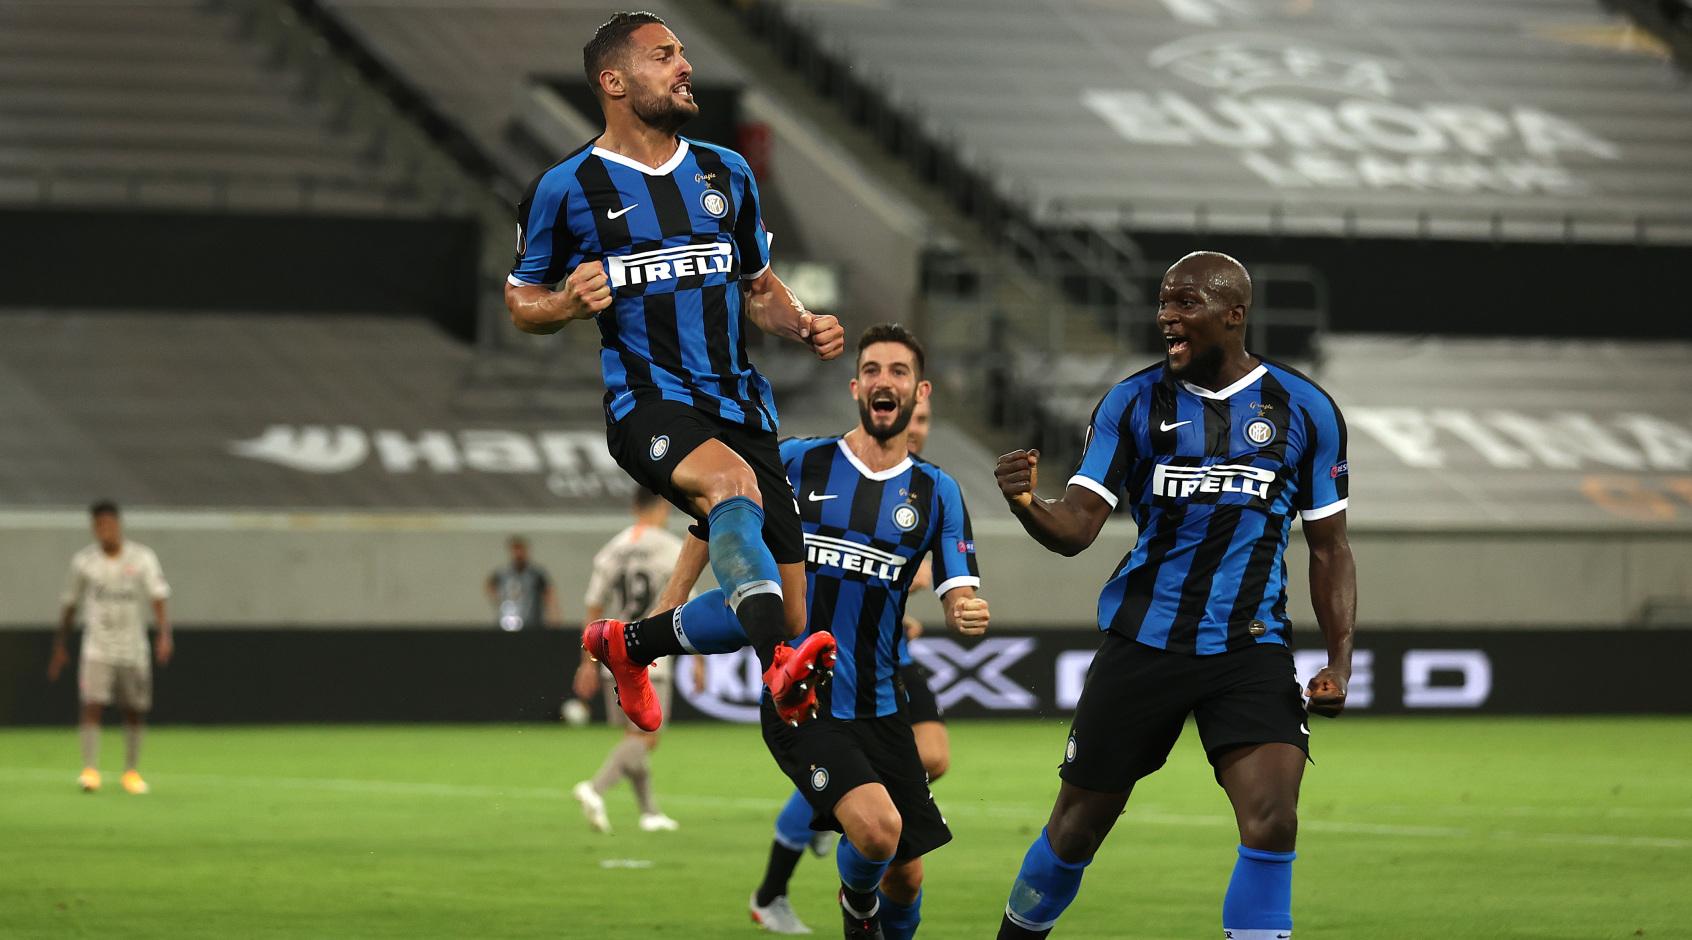 """Защитник """"Интера"""" Данило Д'Амброзио может продолжить карьеру в """"Милане"""""""